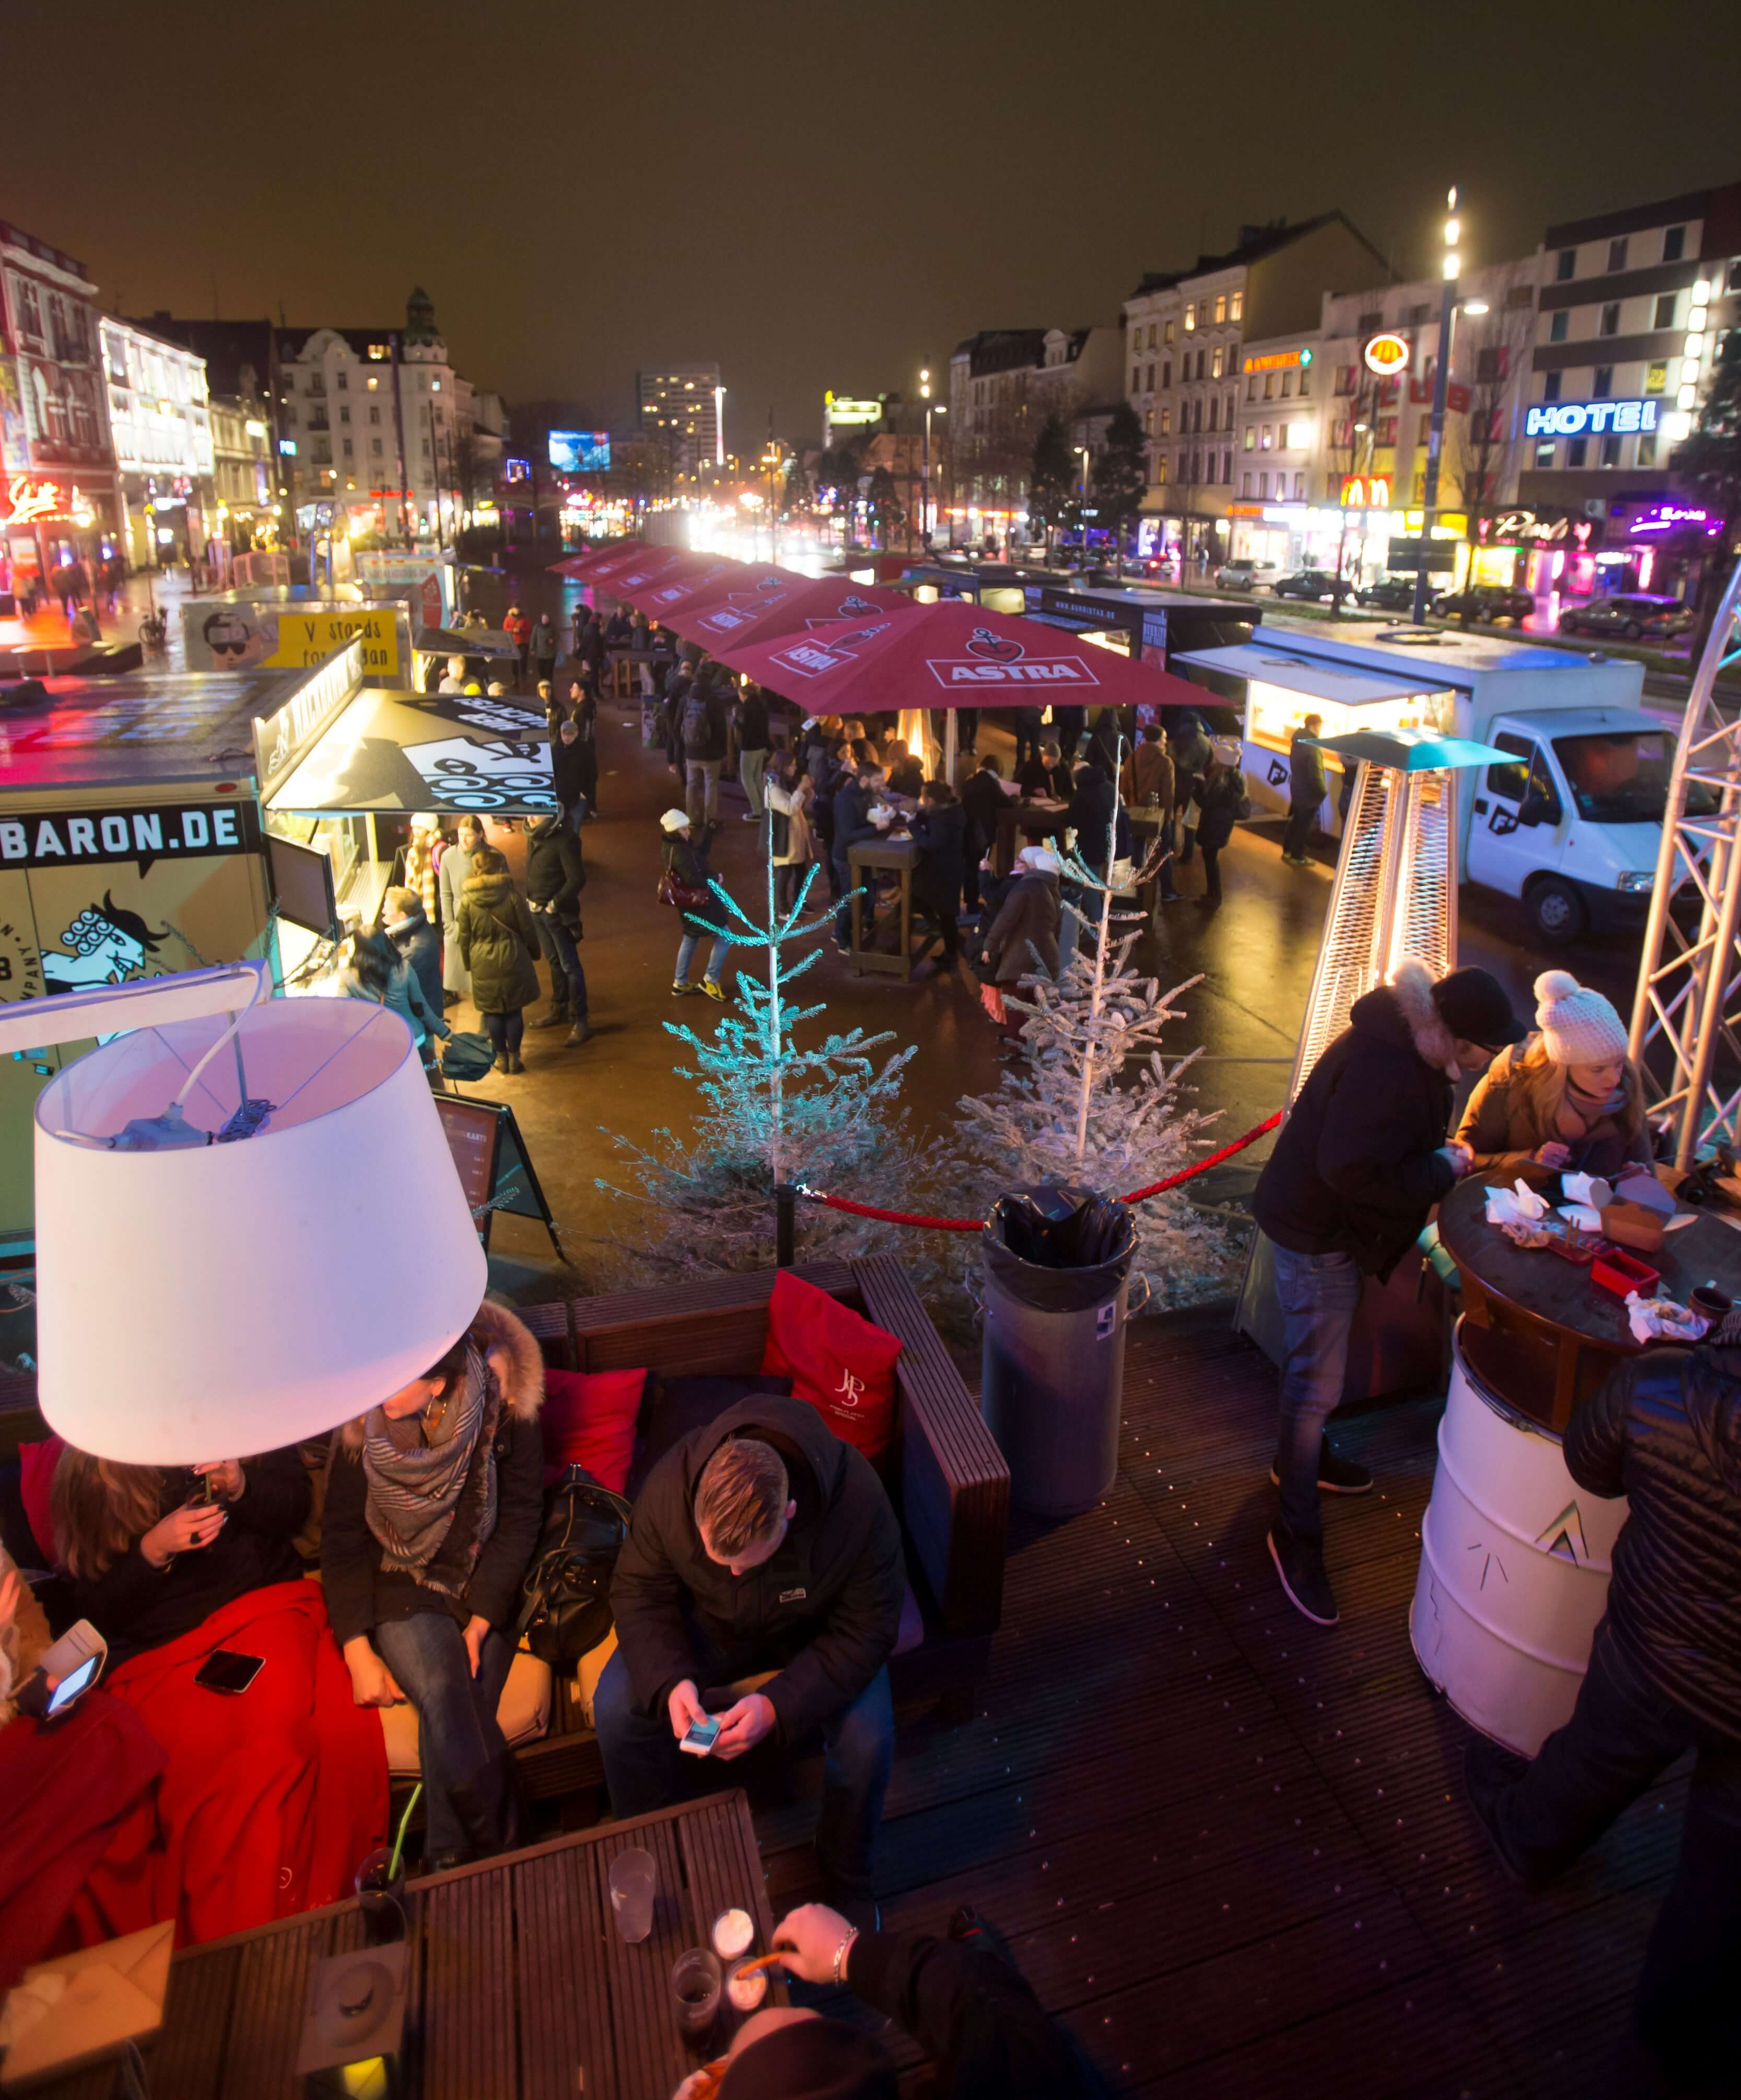 Einkaufen ganz ohne Stress beim St. Pauli Nachtmarkt! Und nebenbei vielleicht noch schön Street Food schlemmen? 😋